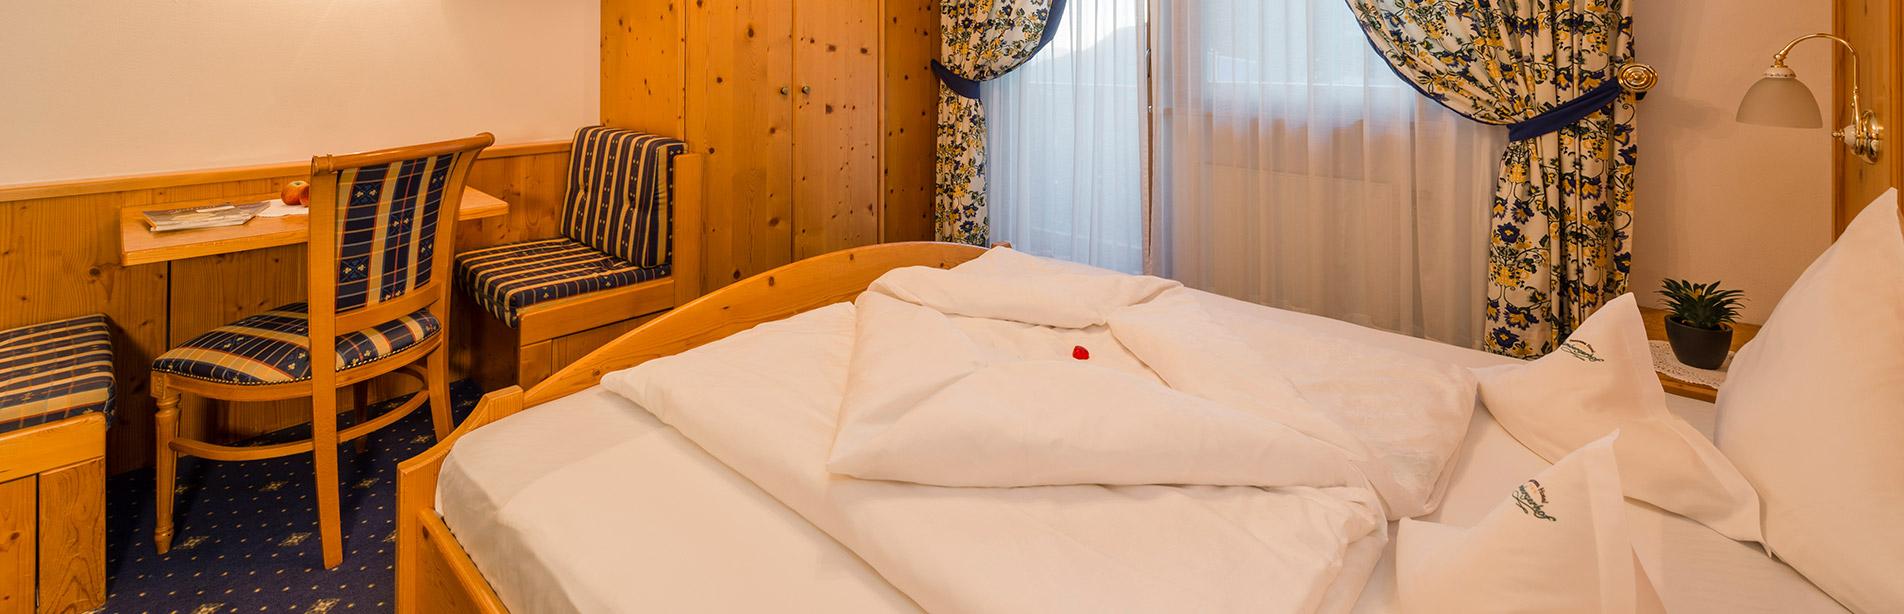 Hotel Sambergerhof schlern